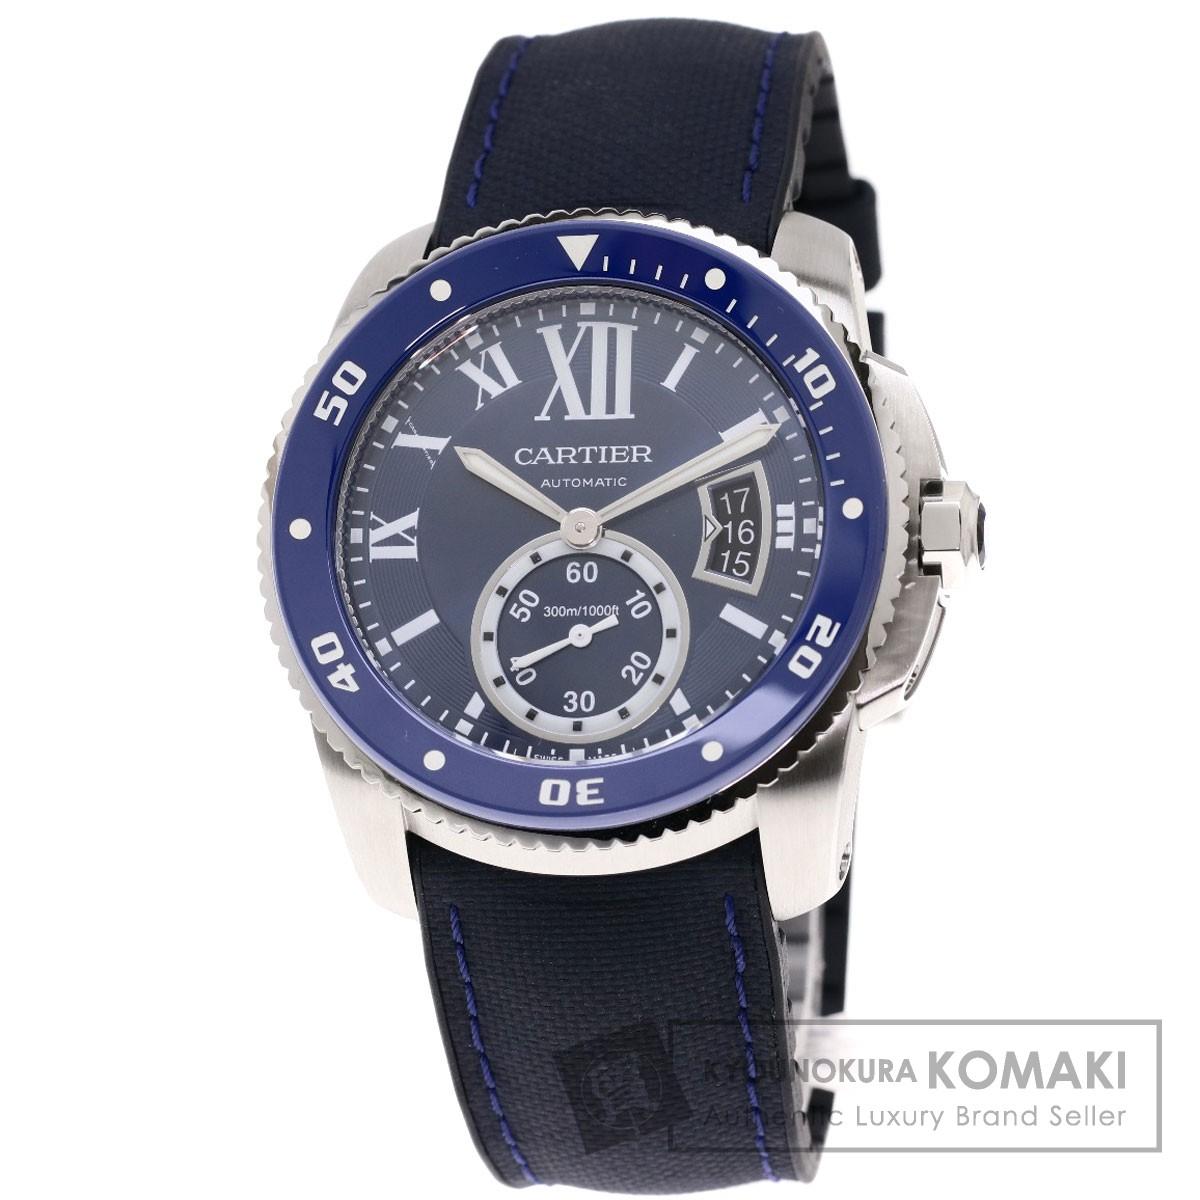 カルティエ WSCA0010 カリブル ダイバー 腕時計 OH済 ステンレススチール/ラバー メンズ 【中古】【CARTIER】